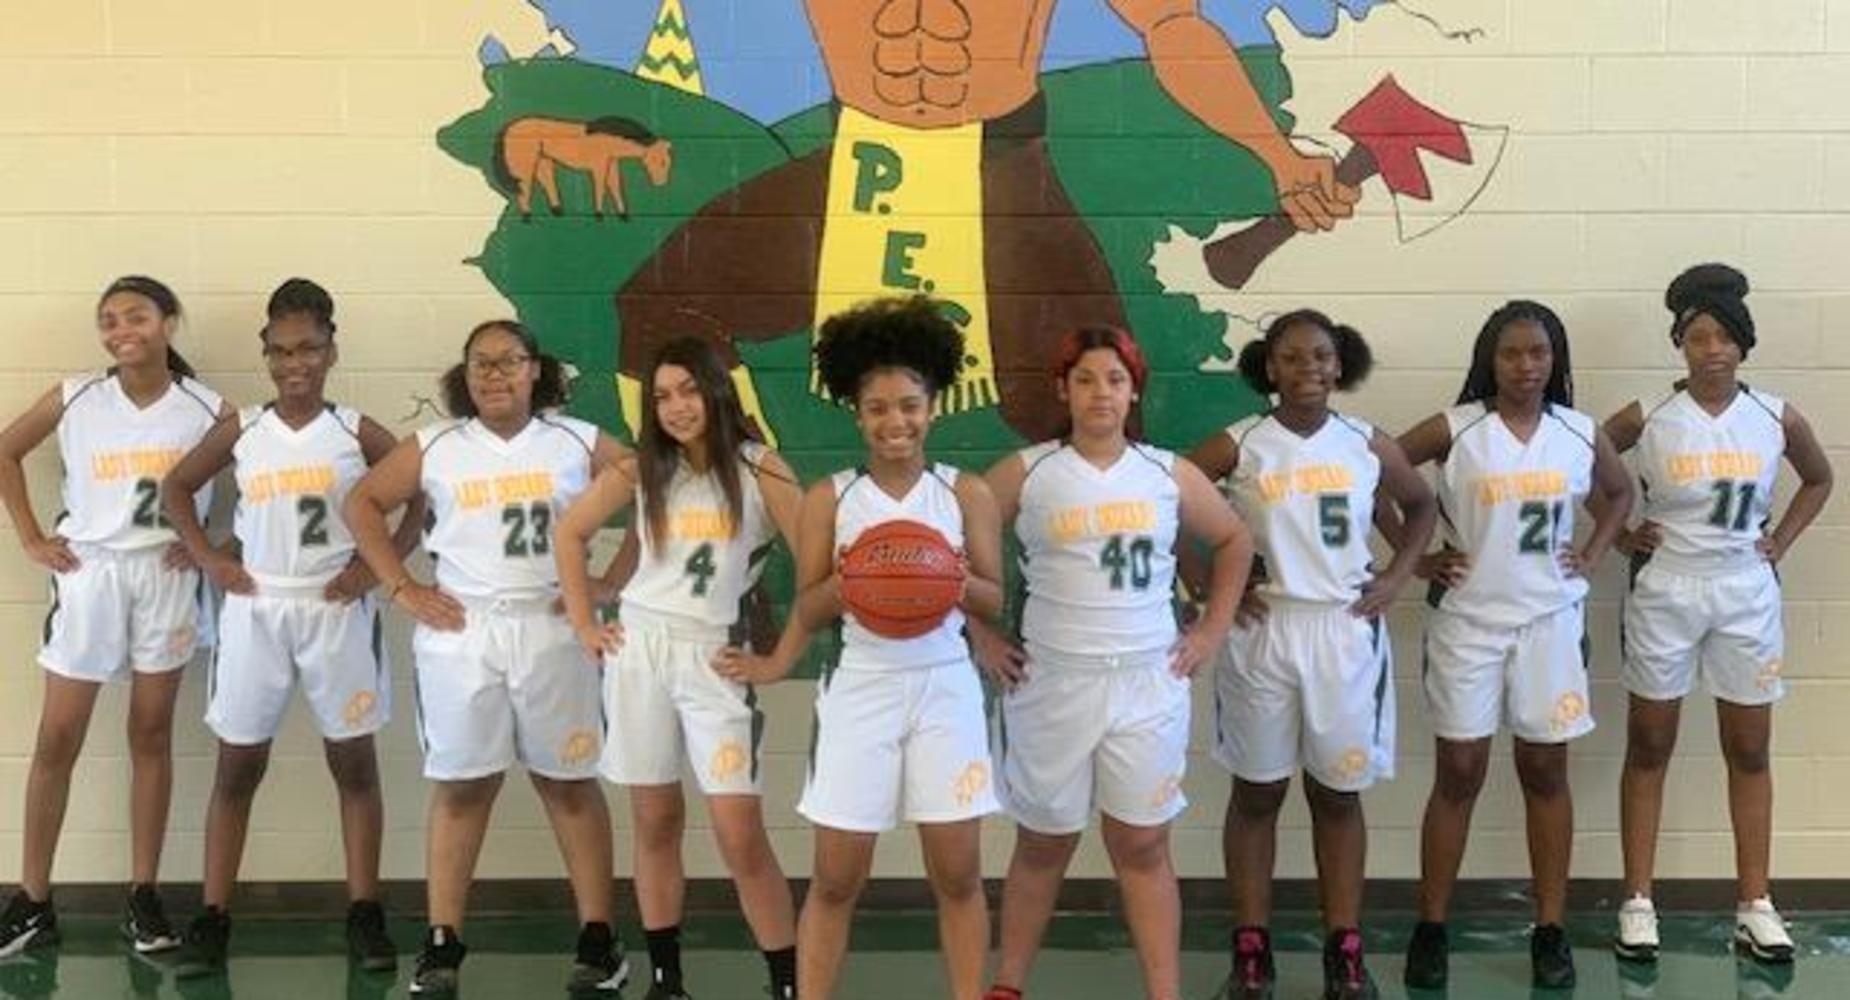 Plaisance School Girls Basketball Team